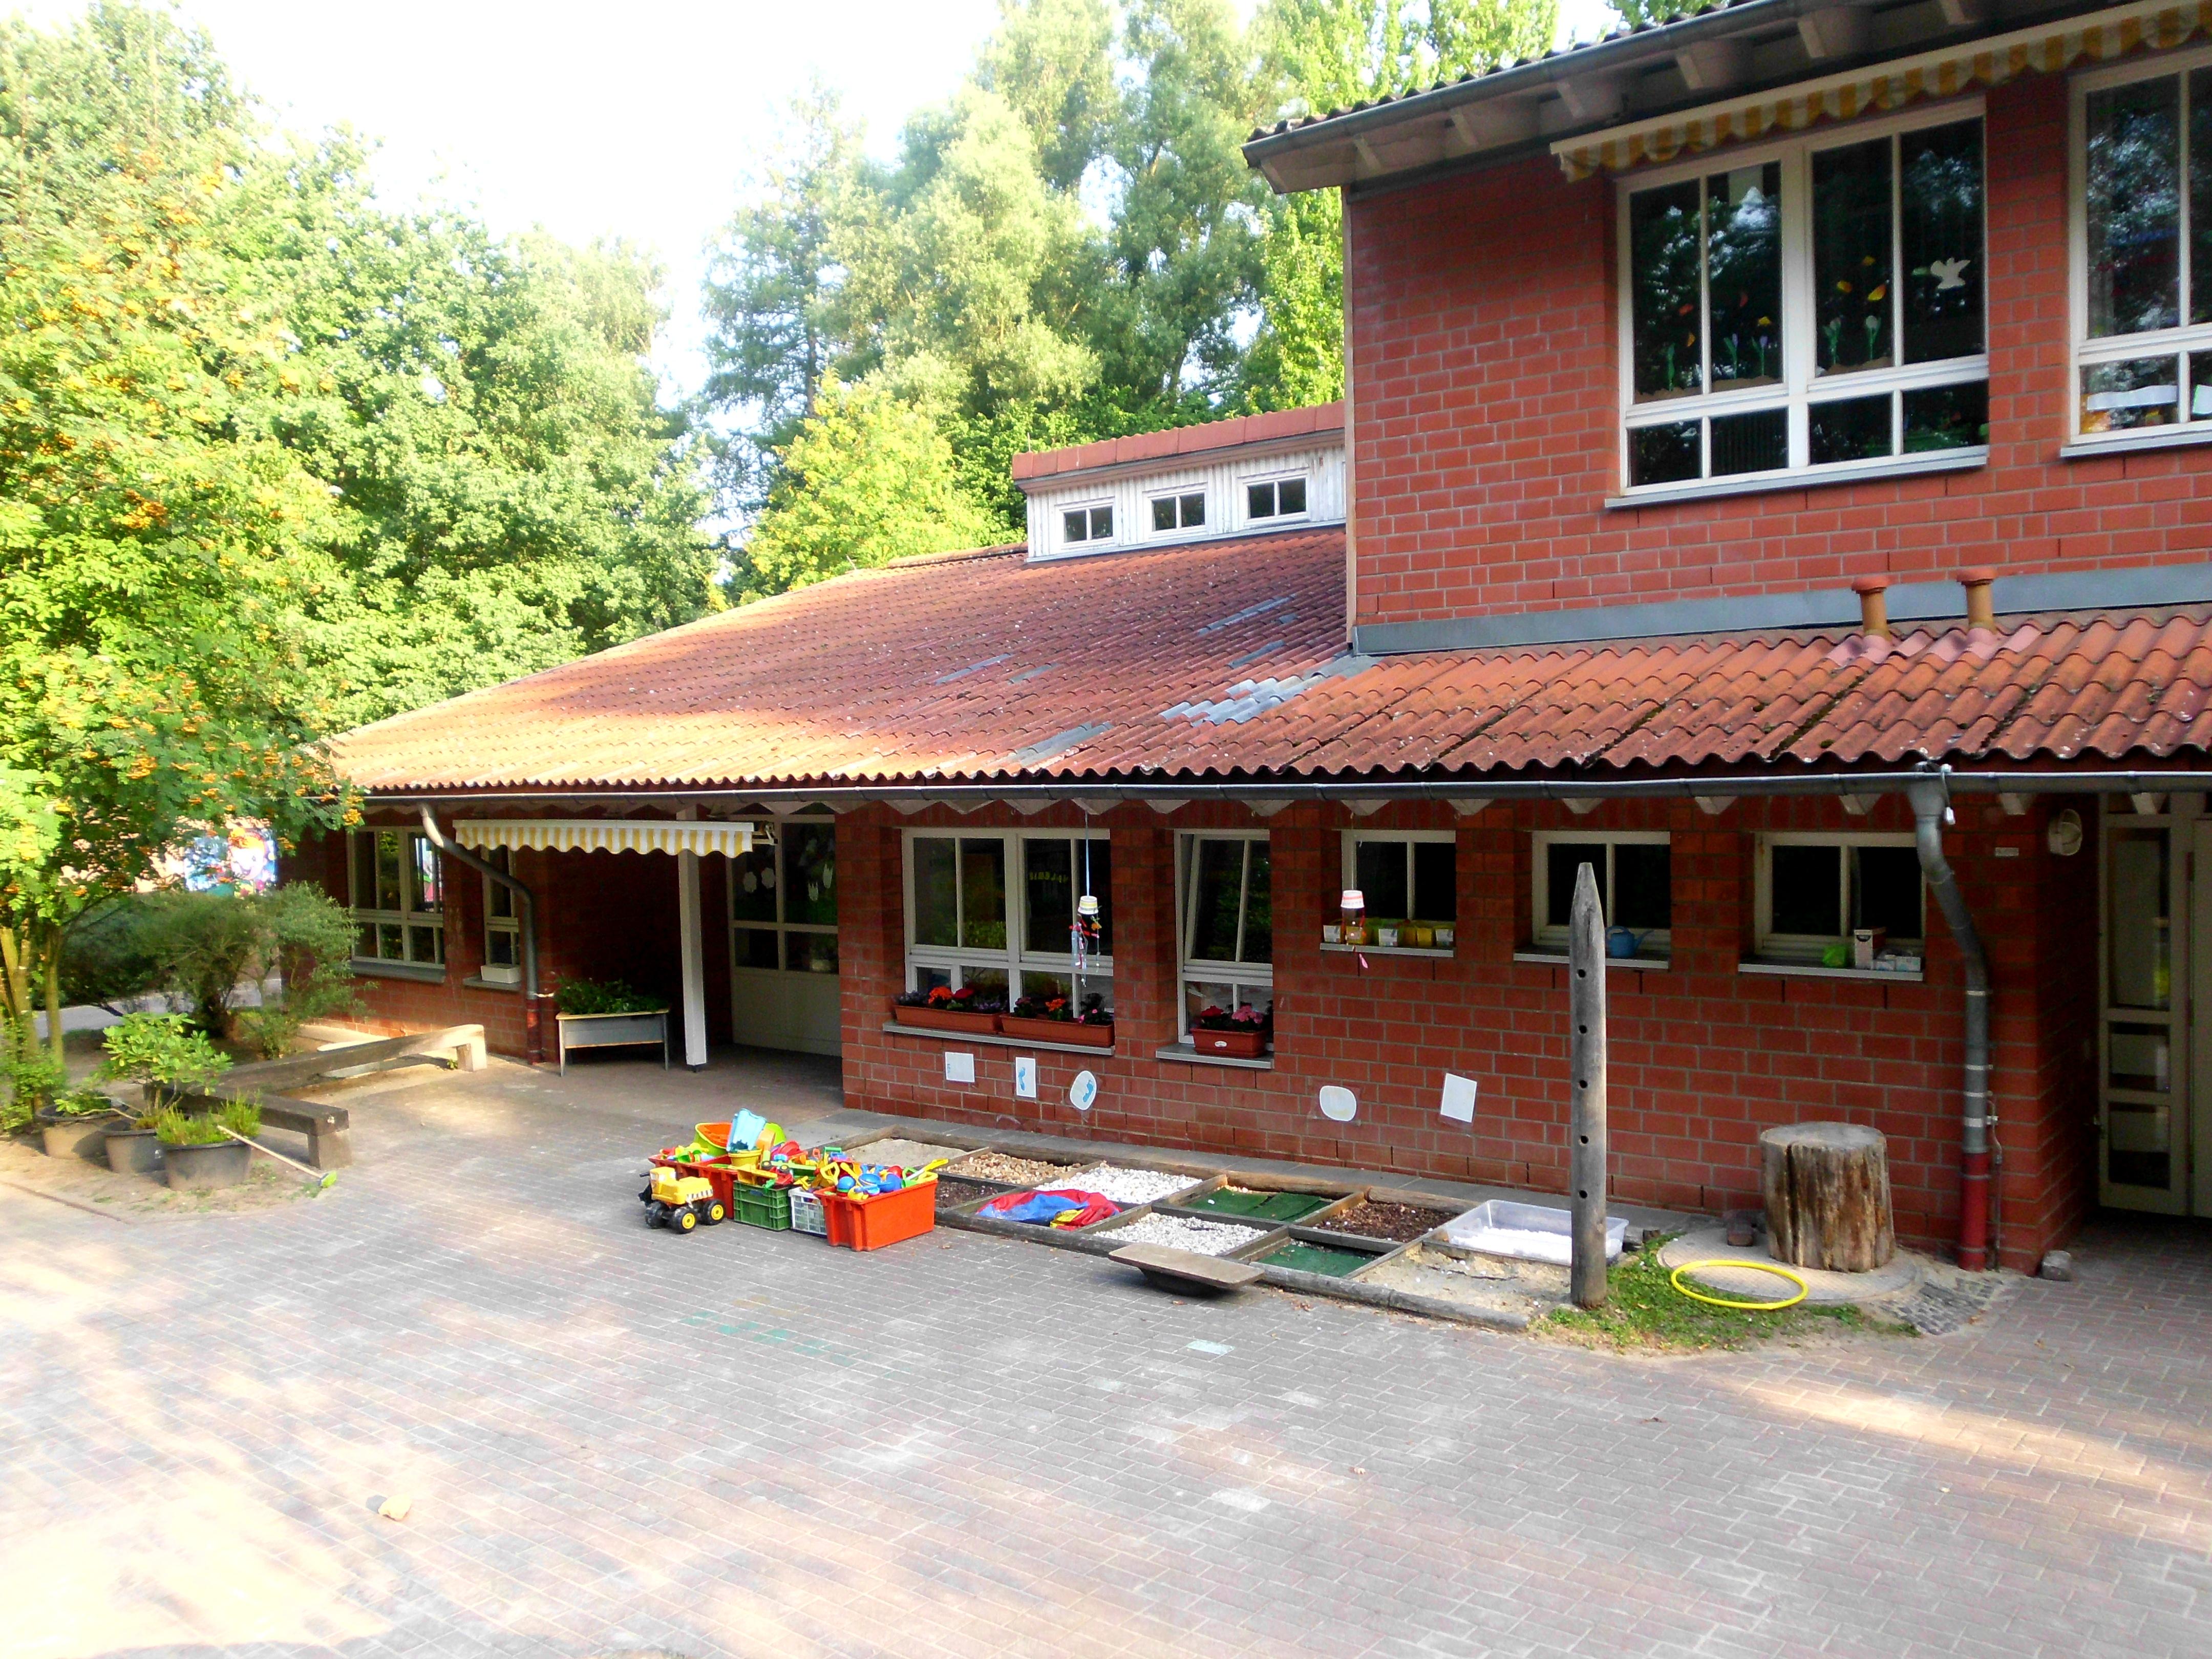 Eingangsbereich zum Außengelände mit Spielkisten vor der Tür